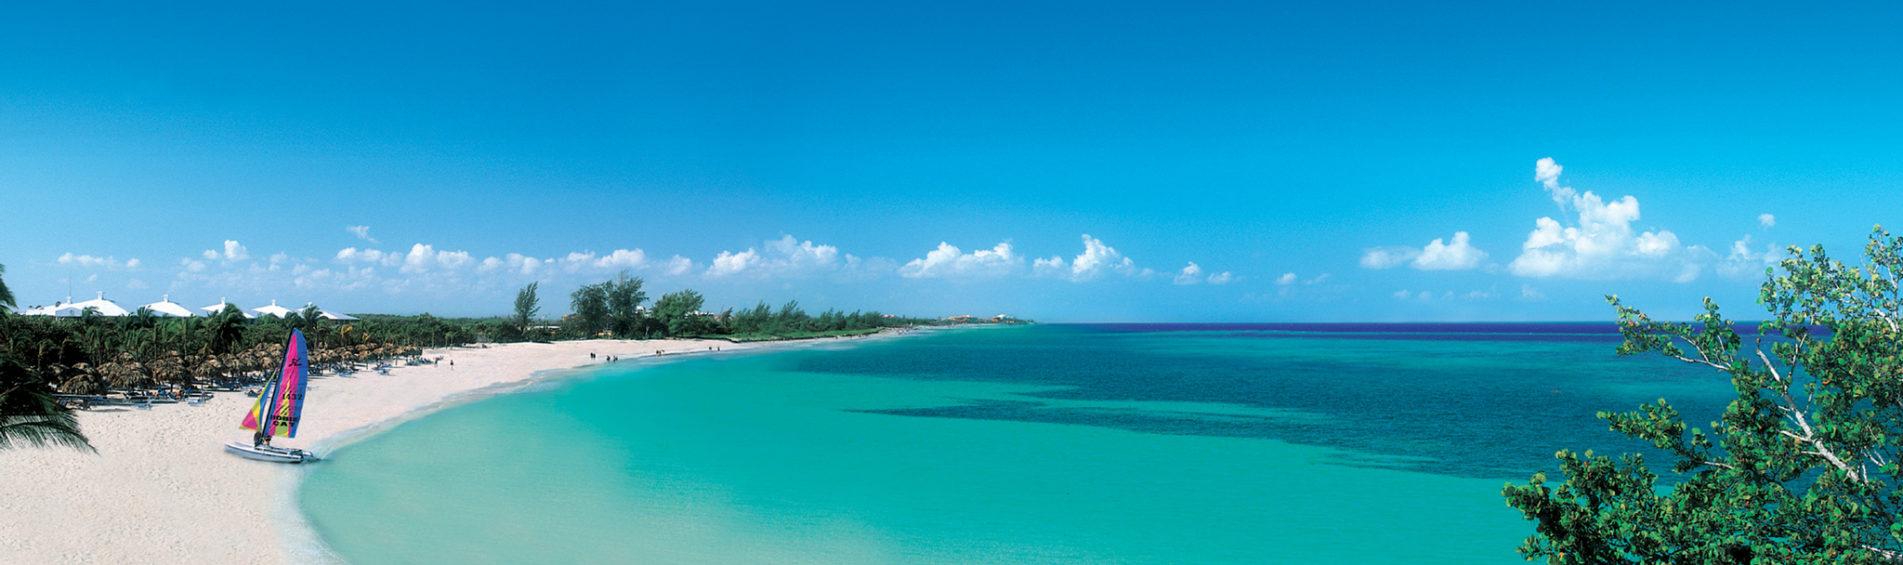 Photos : Les plus belles plages de Cuba